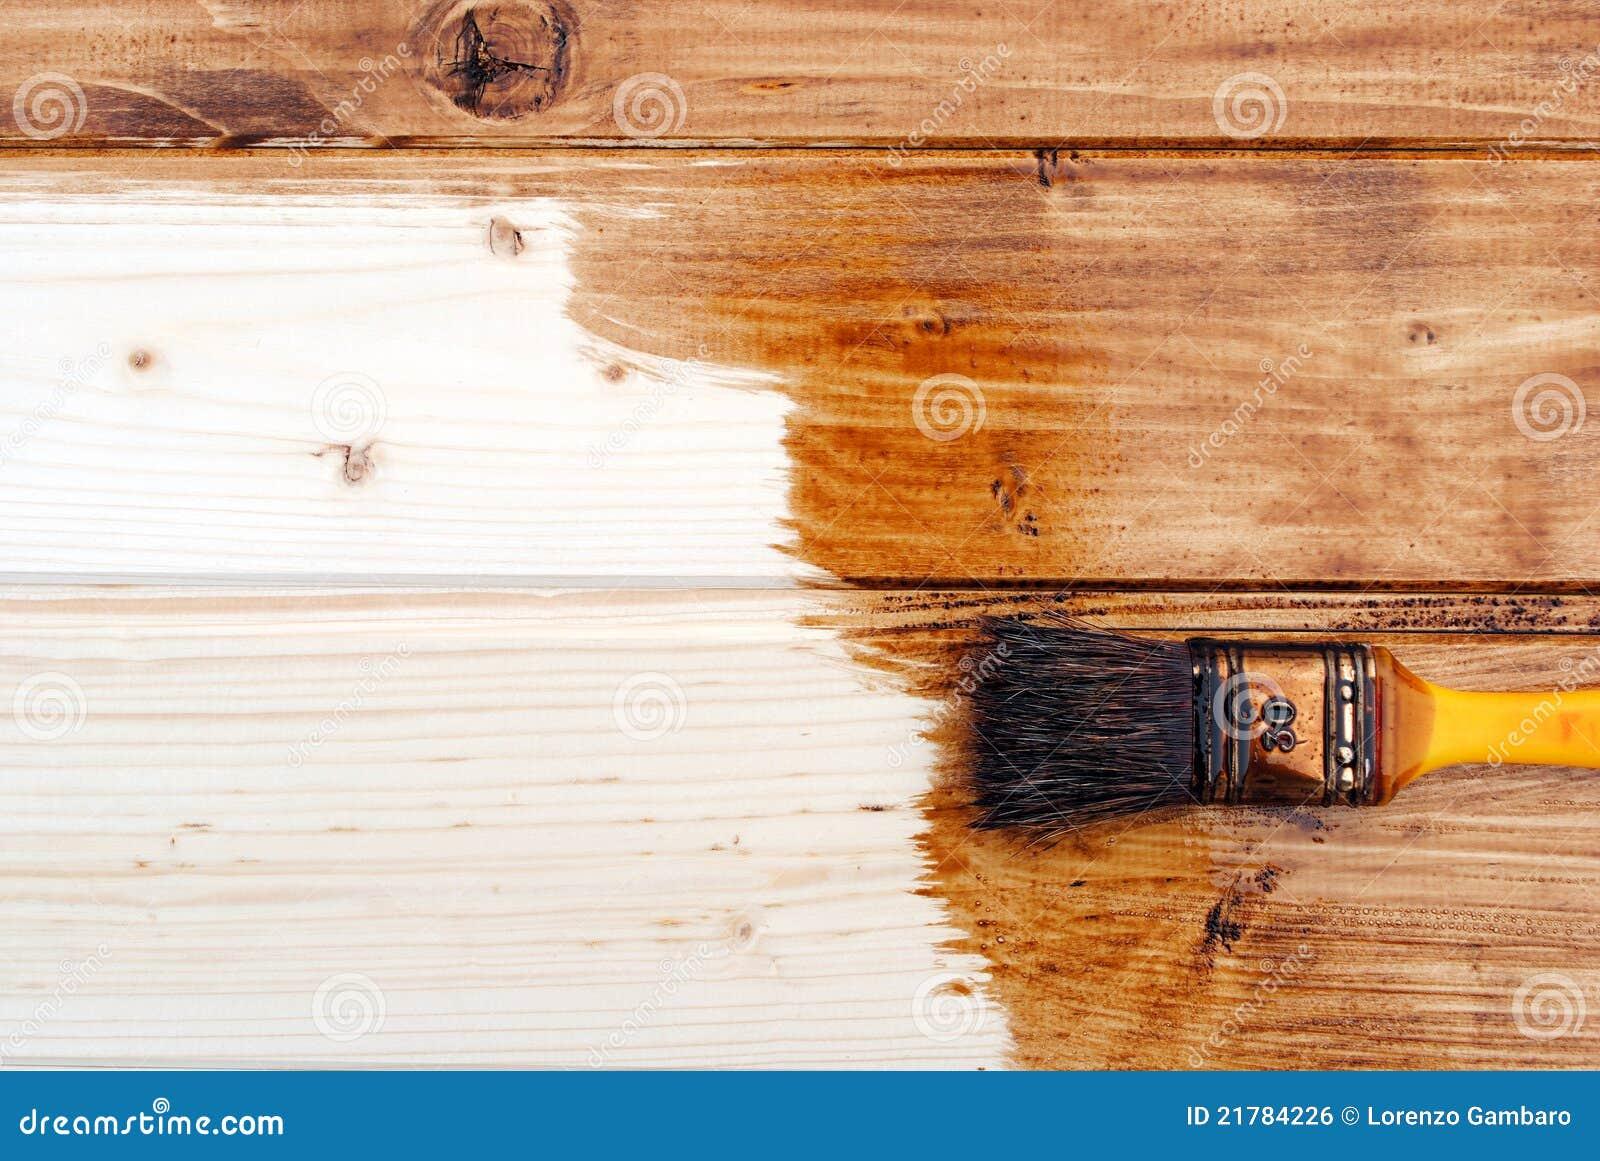 matchboards de madeira do verniz amarelo da pintura imagem de stock royalty free imagem 21784226. Black Bedroom Furniture Sets. Home Design Ideas